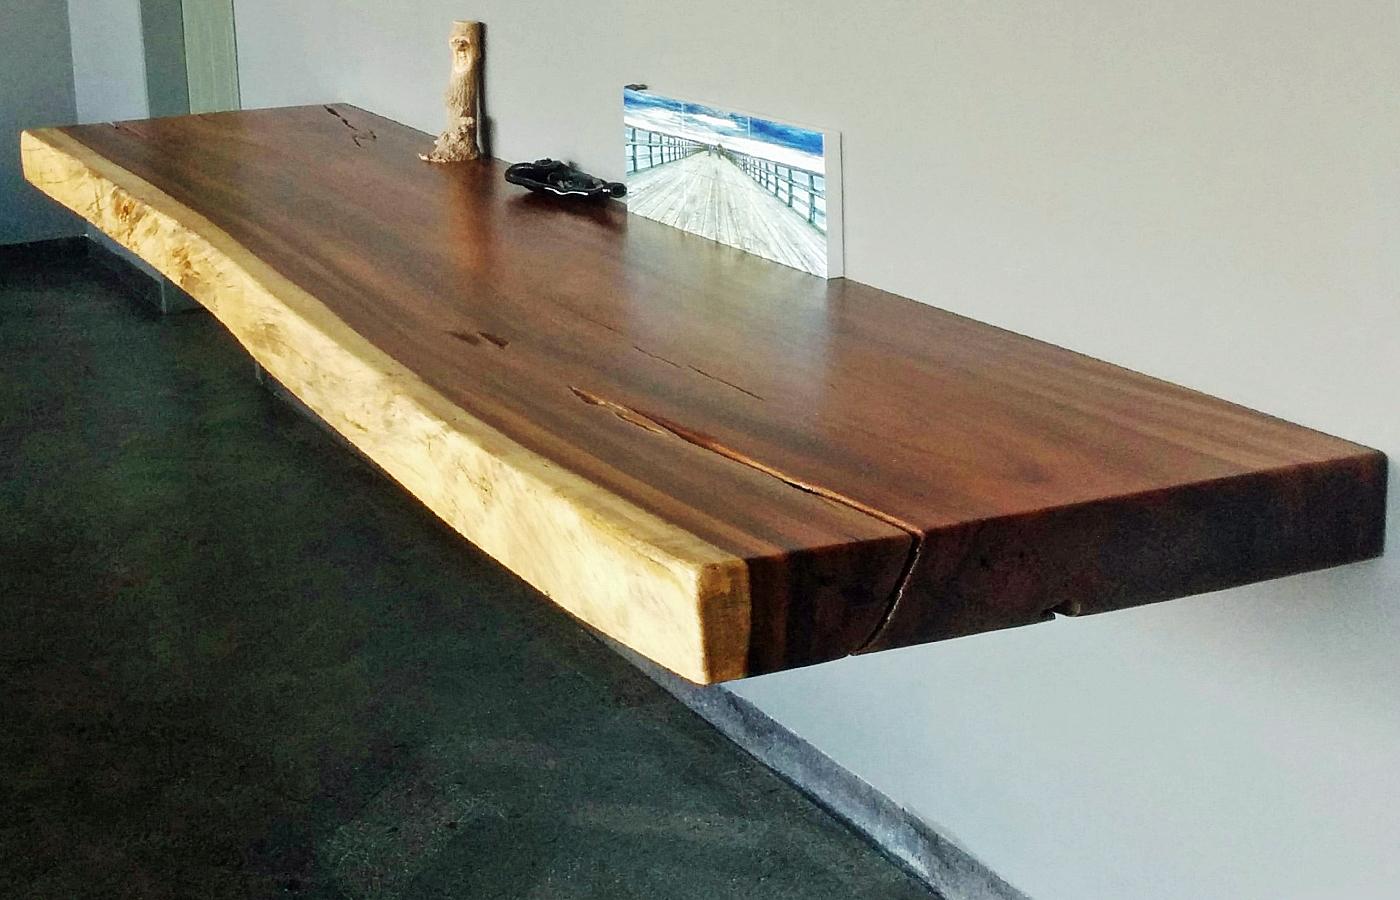 Encimeras de madera parota parotas muebles de parota cdmx - Barras de madera ...